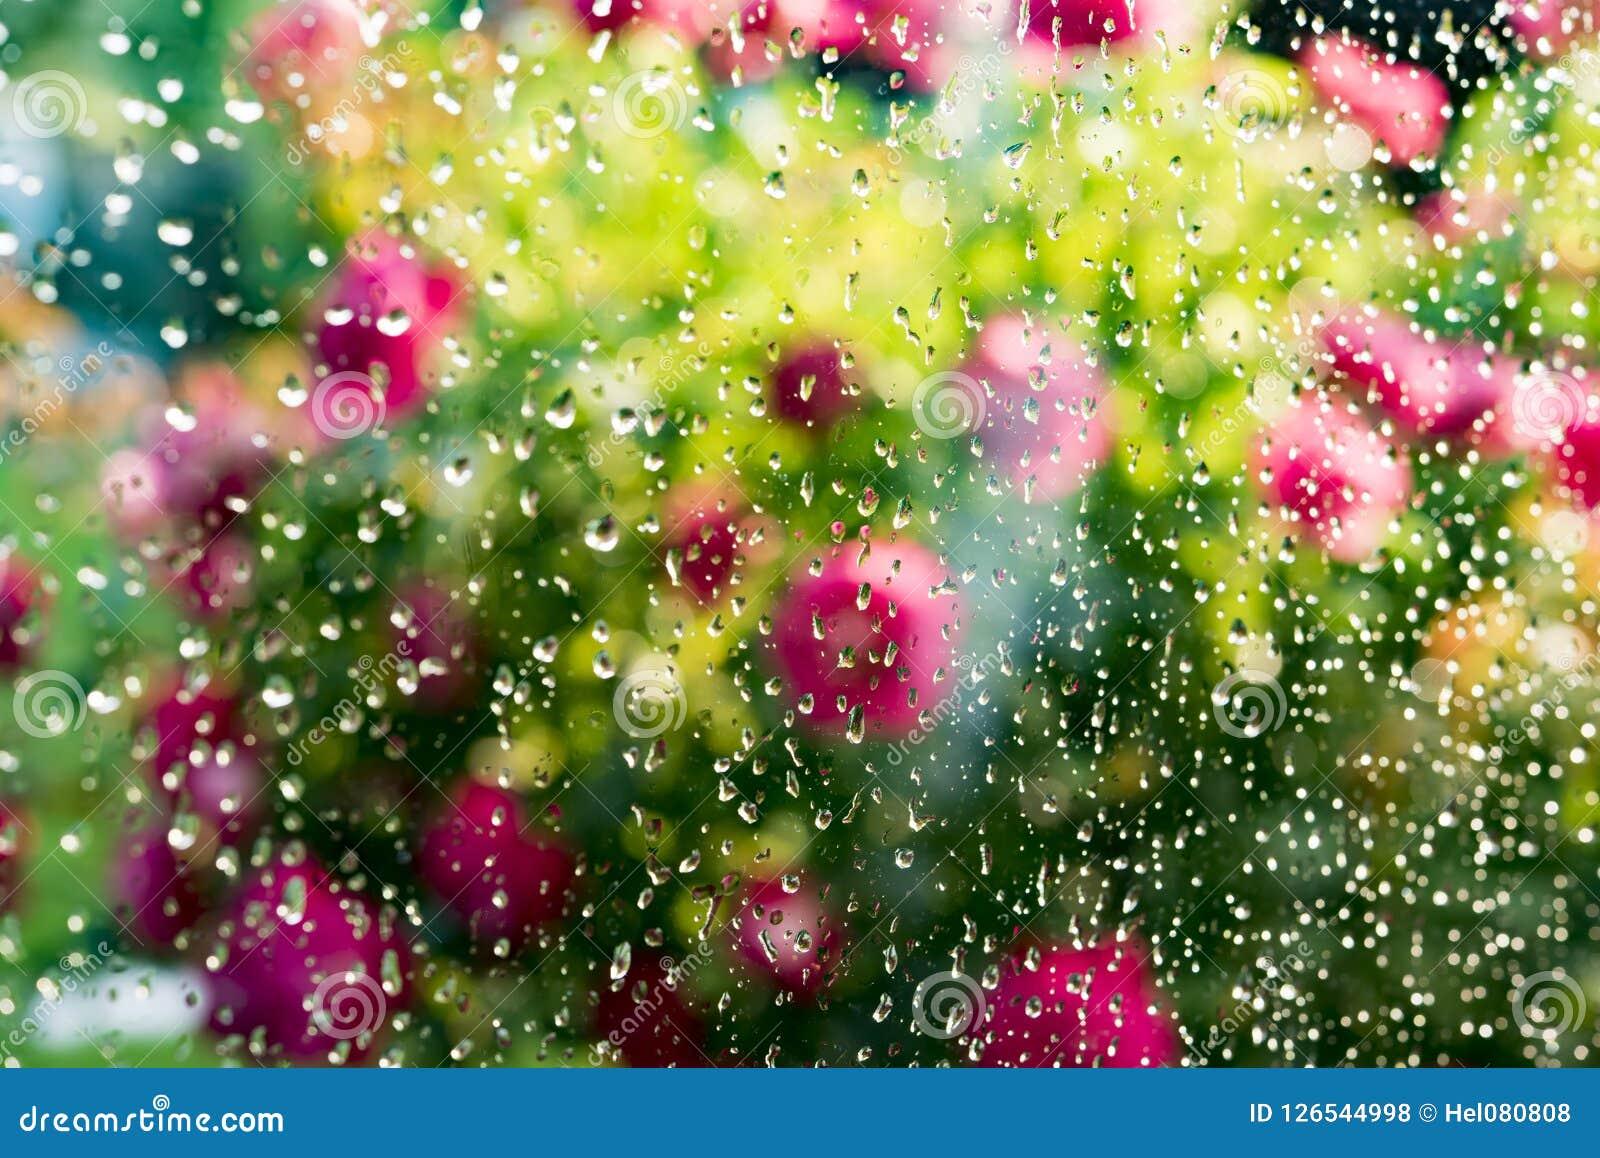 Chuva do verão na janela Arbusto cor-de-rosa de florescência borrado atrás do vidro da janela com pingos de chuva